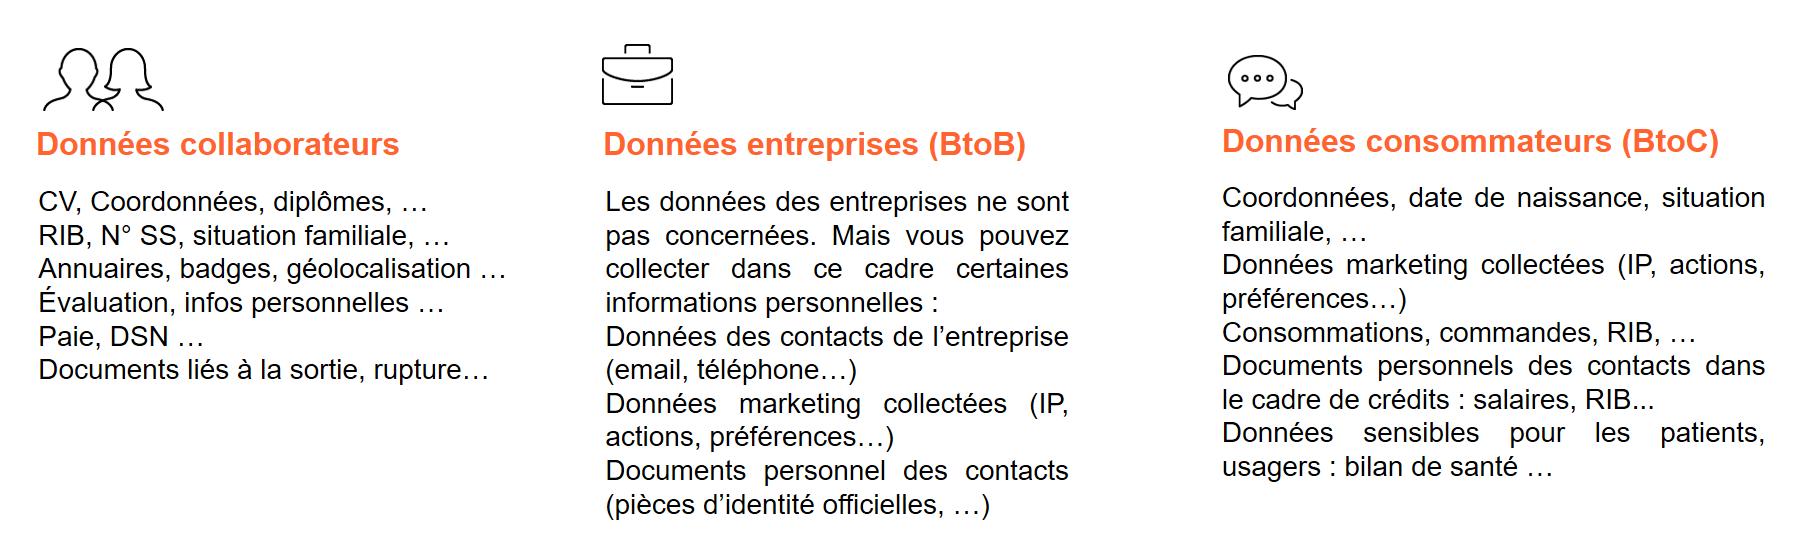 données collaborateurs, données entreprises, données consommateurs